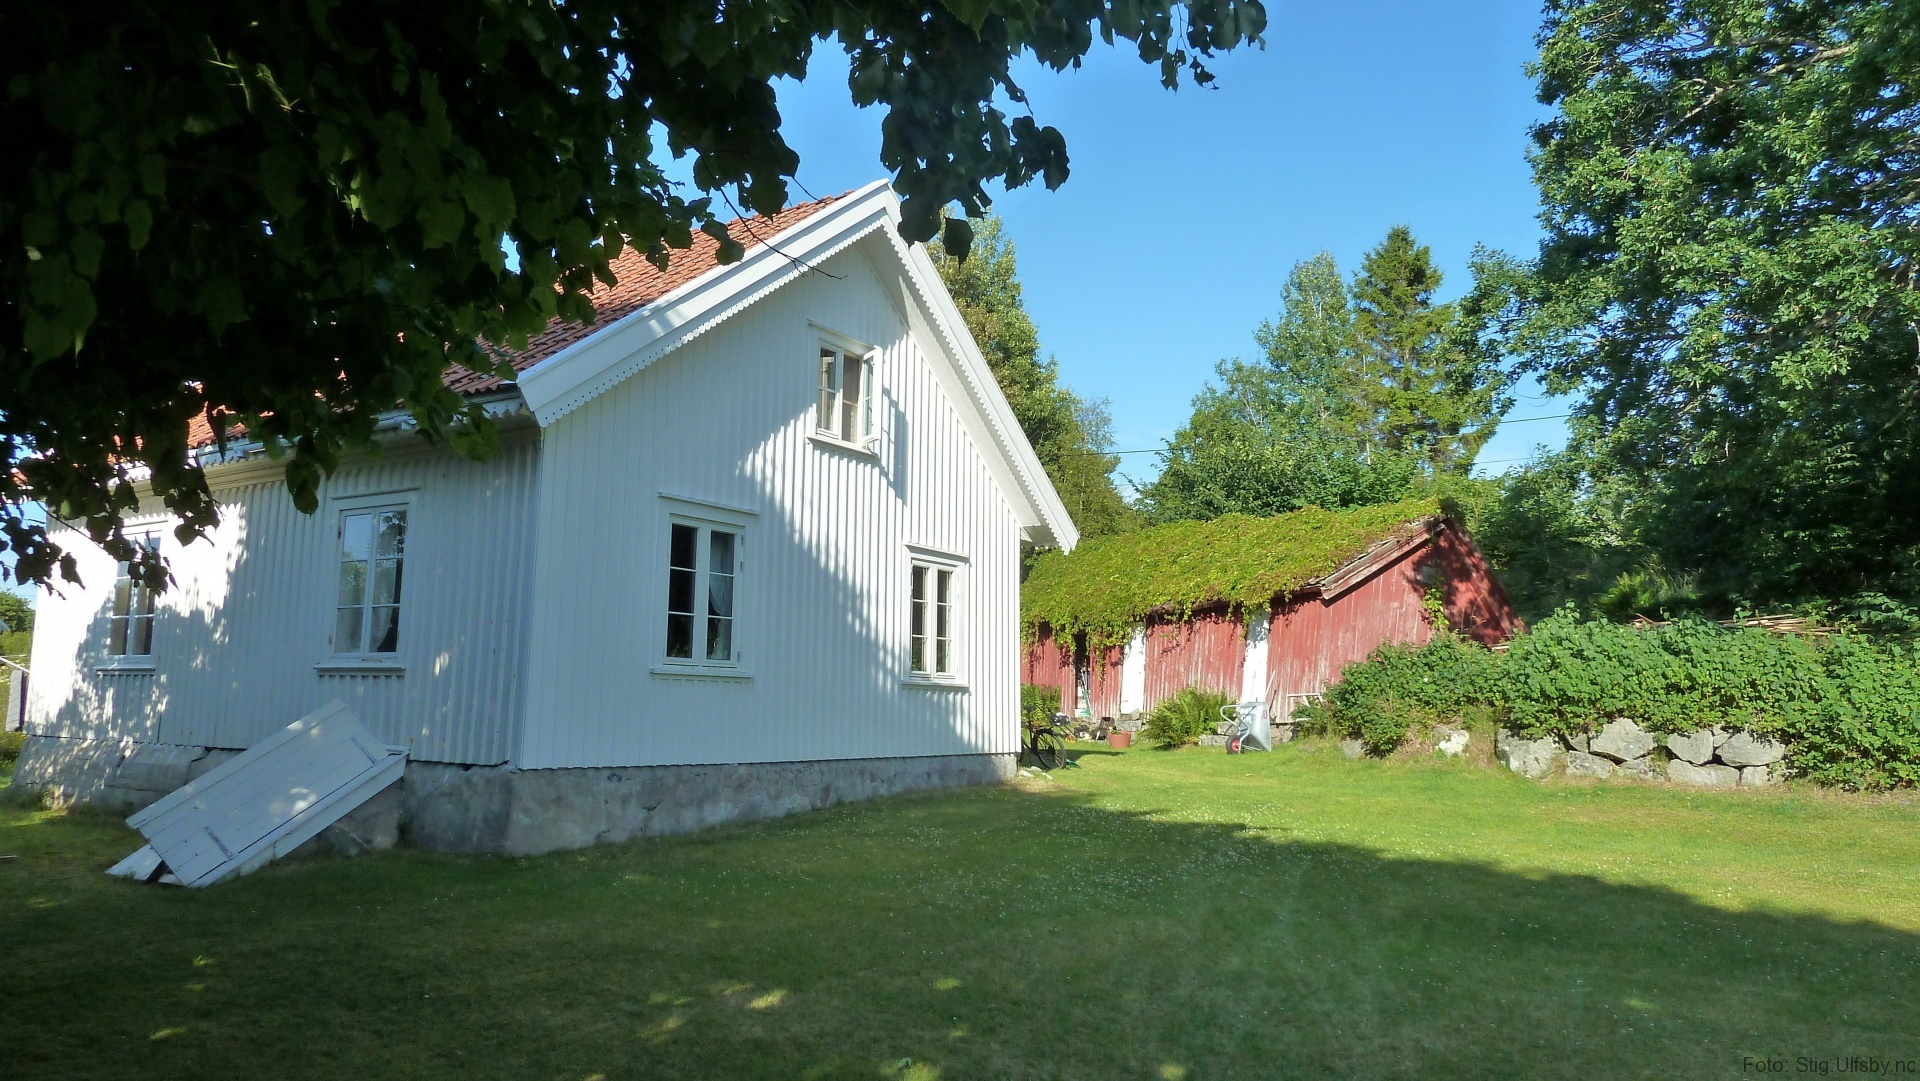 Gamle hus ved Ødegårdstranda, Søndre Sandøy, Hvaler juli 2010